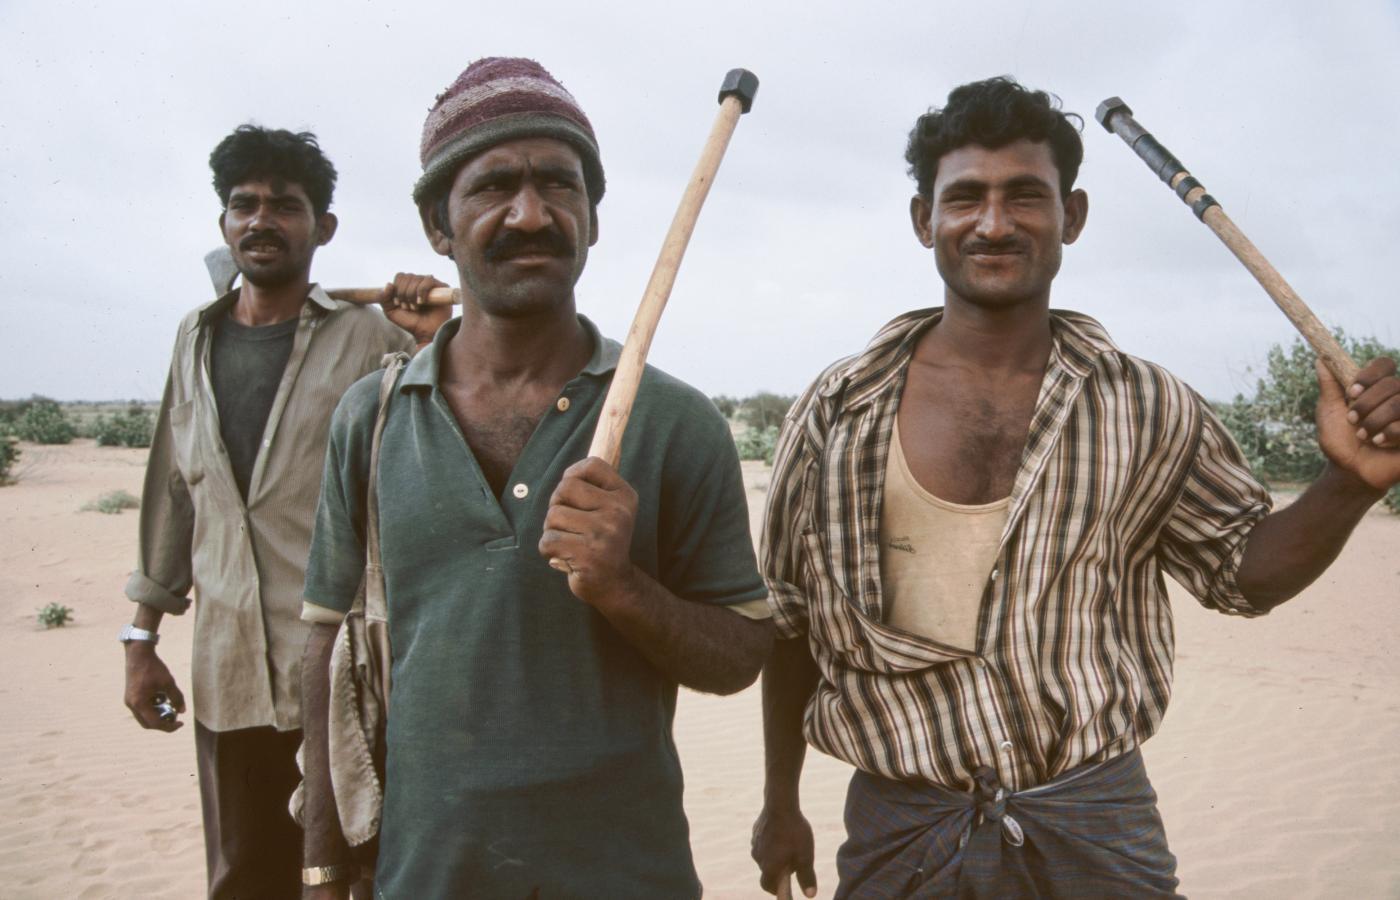 hunting-in-the-desert-around-jaisalmer-2003